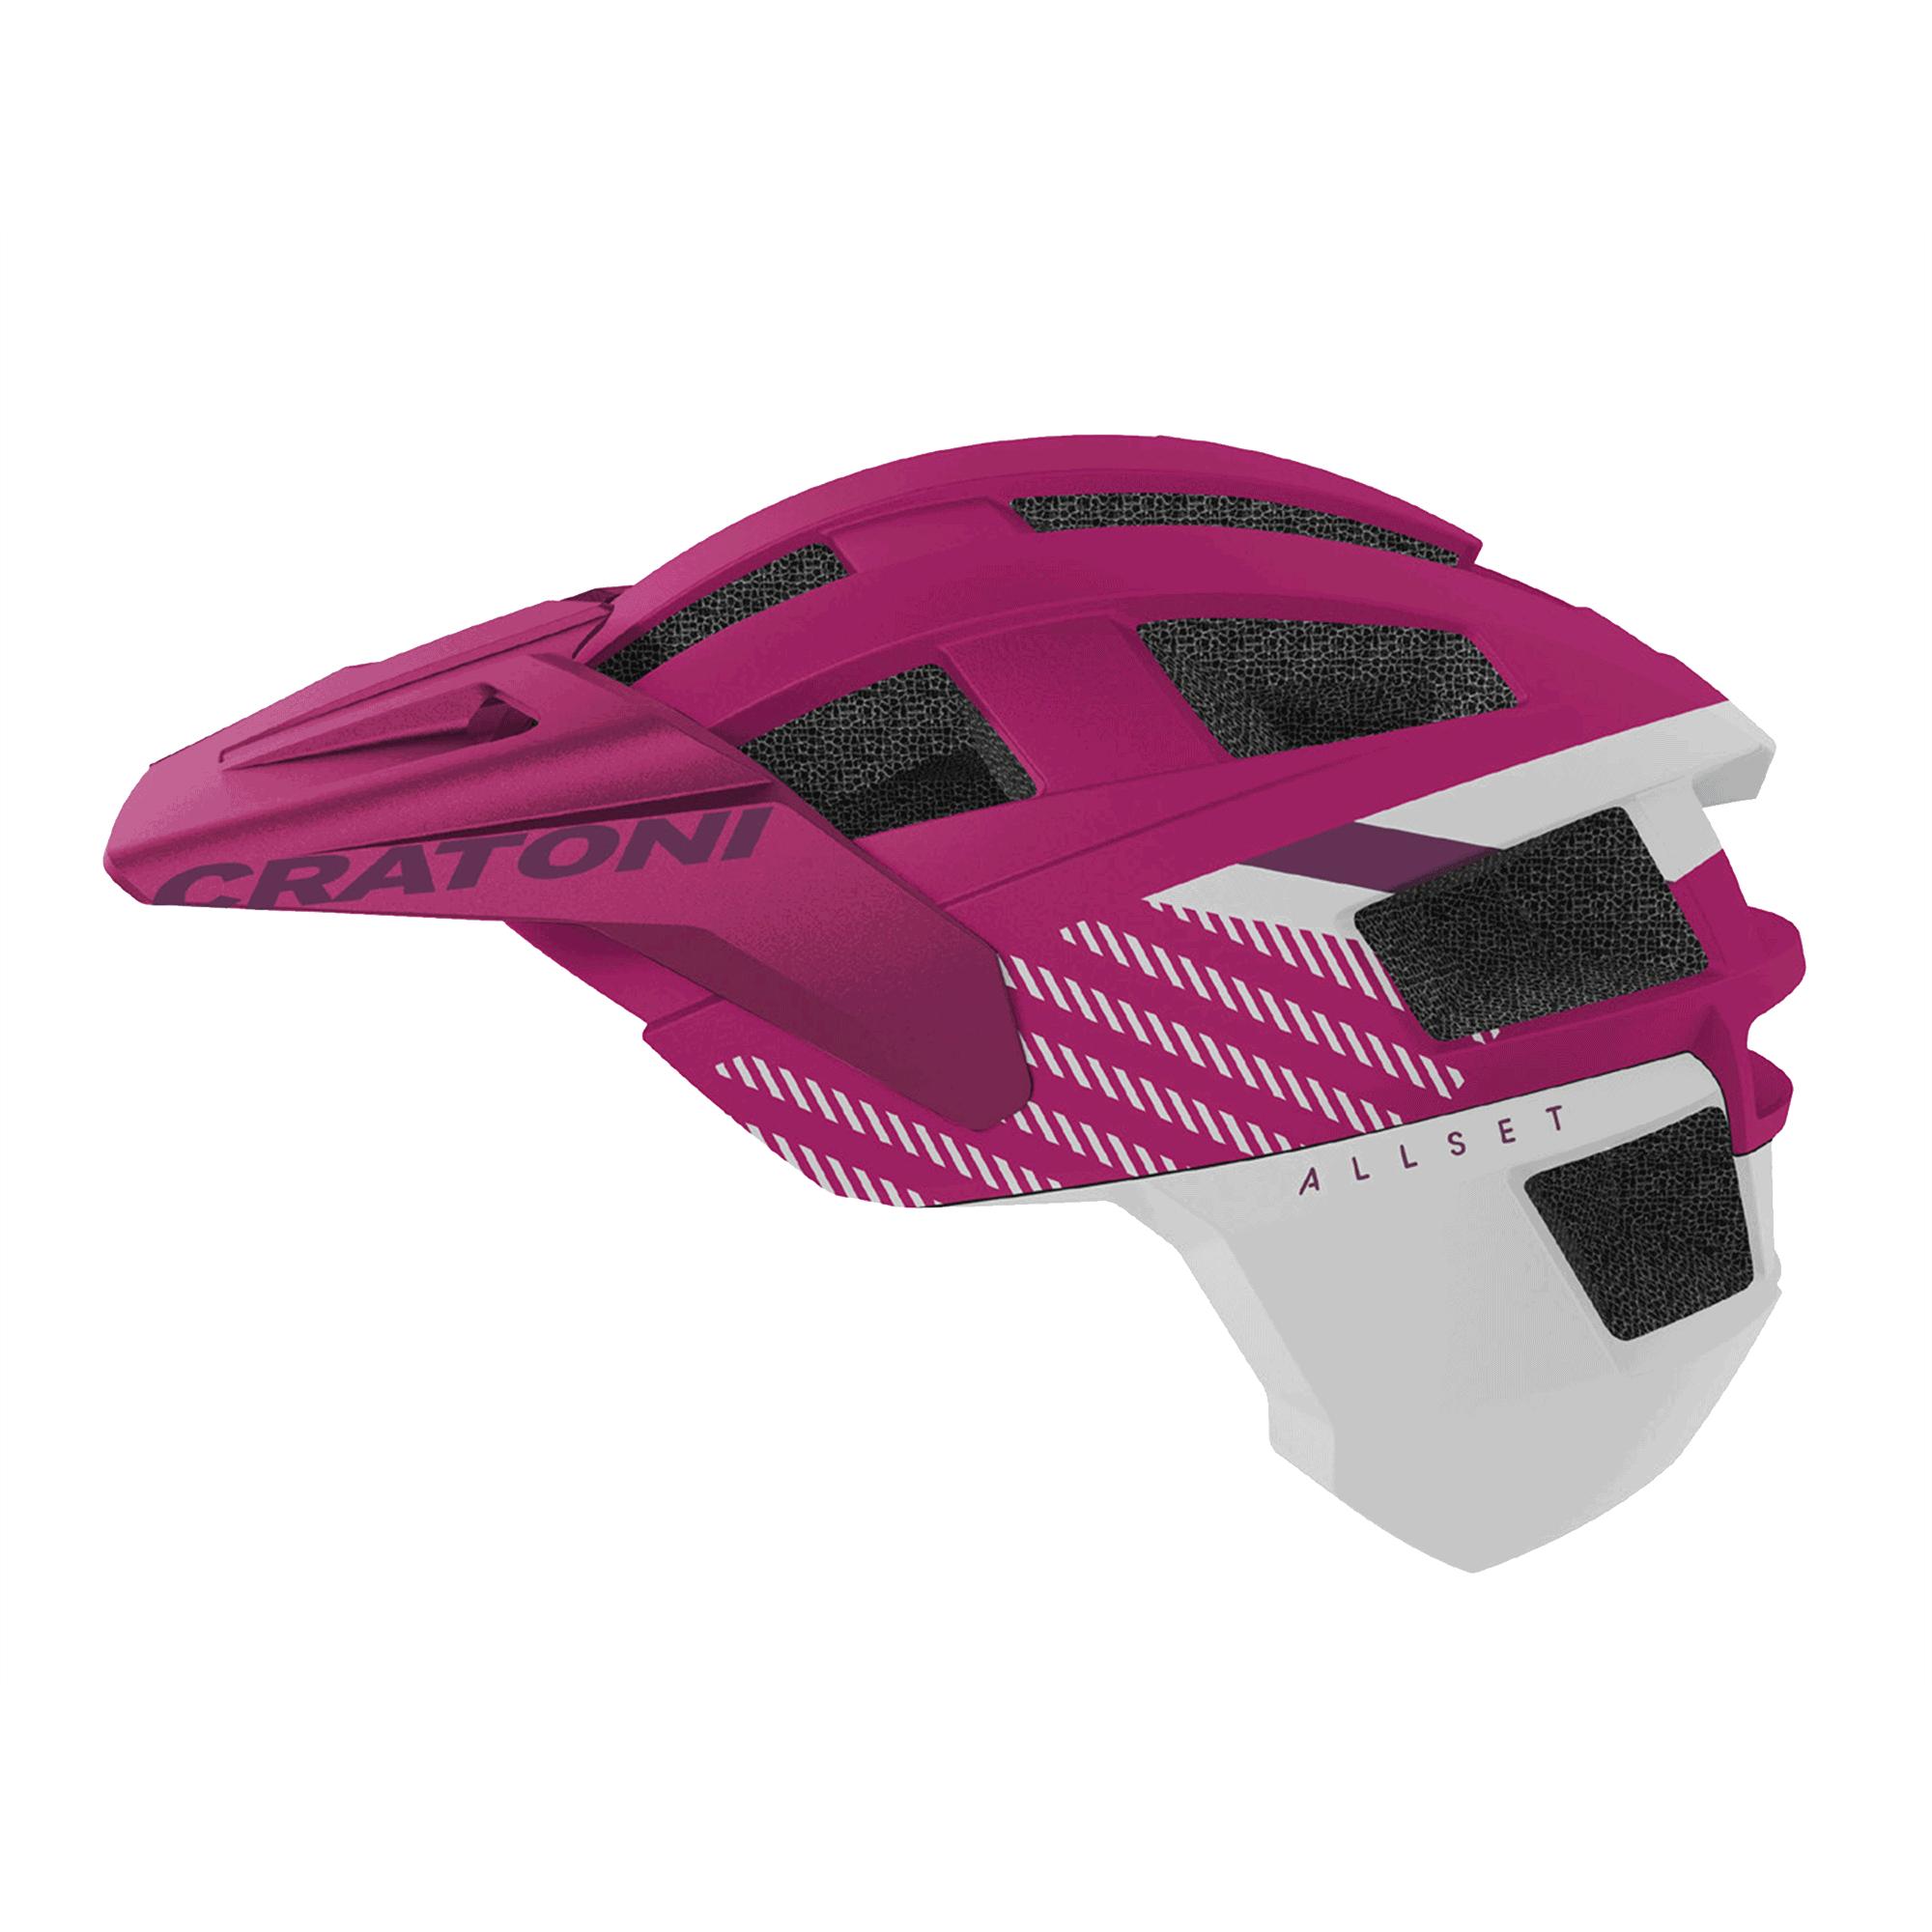 AllSet-Pro Jr. pink-white matt